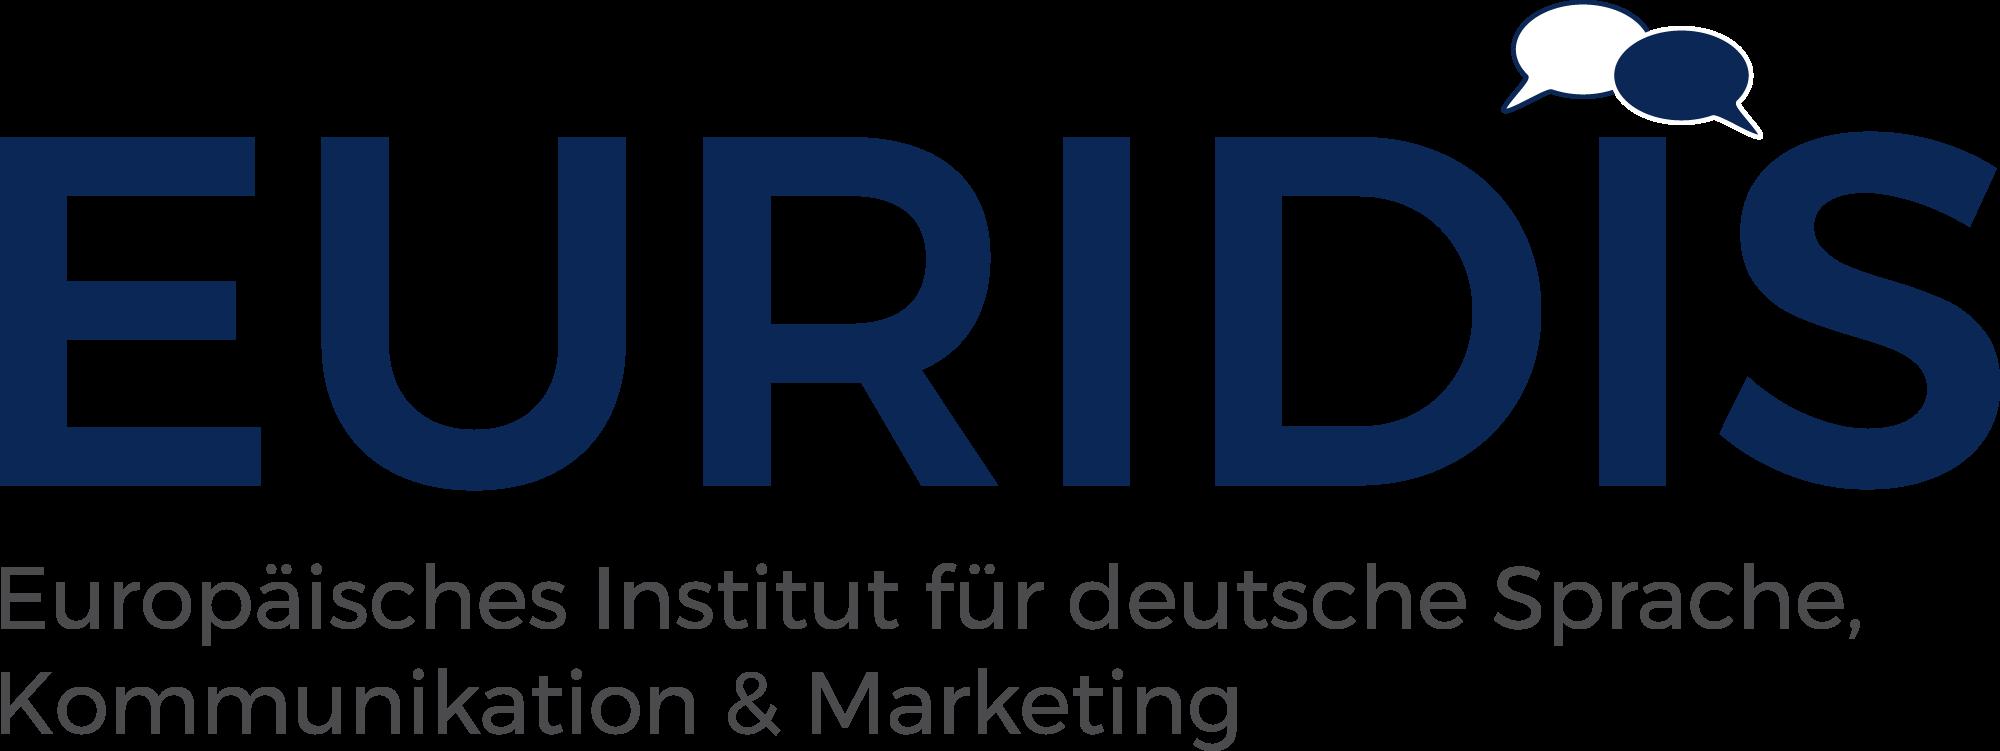 EURIDIS Europäisches Institut für deutsche Sprache Kommunikation & Marketing GmbH